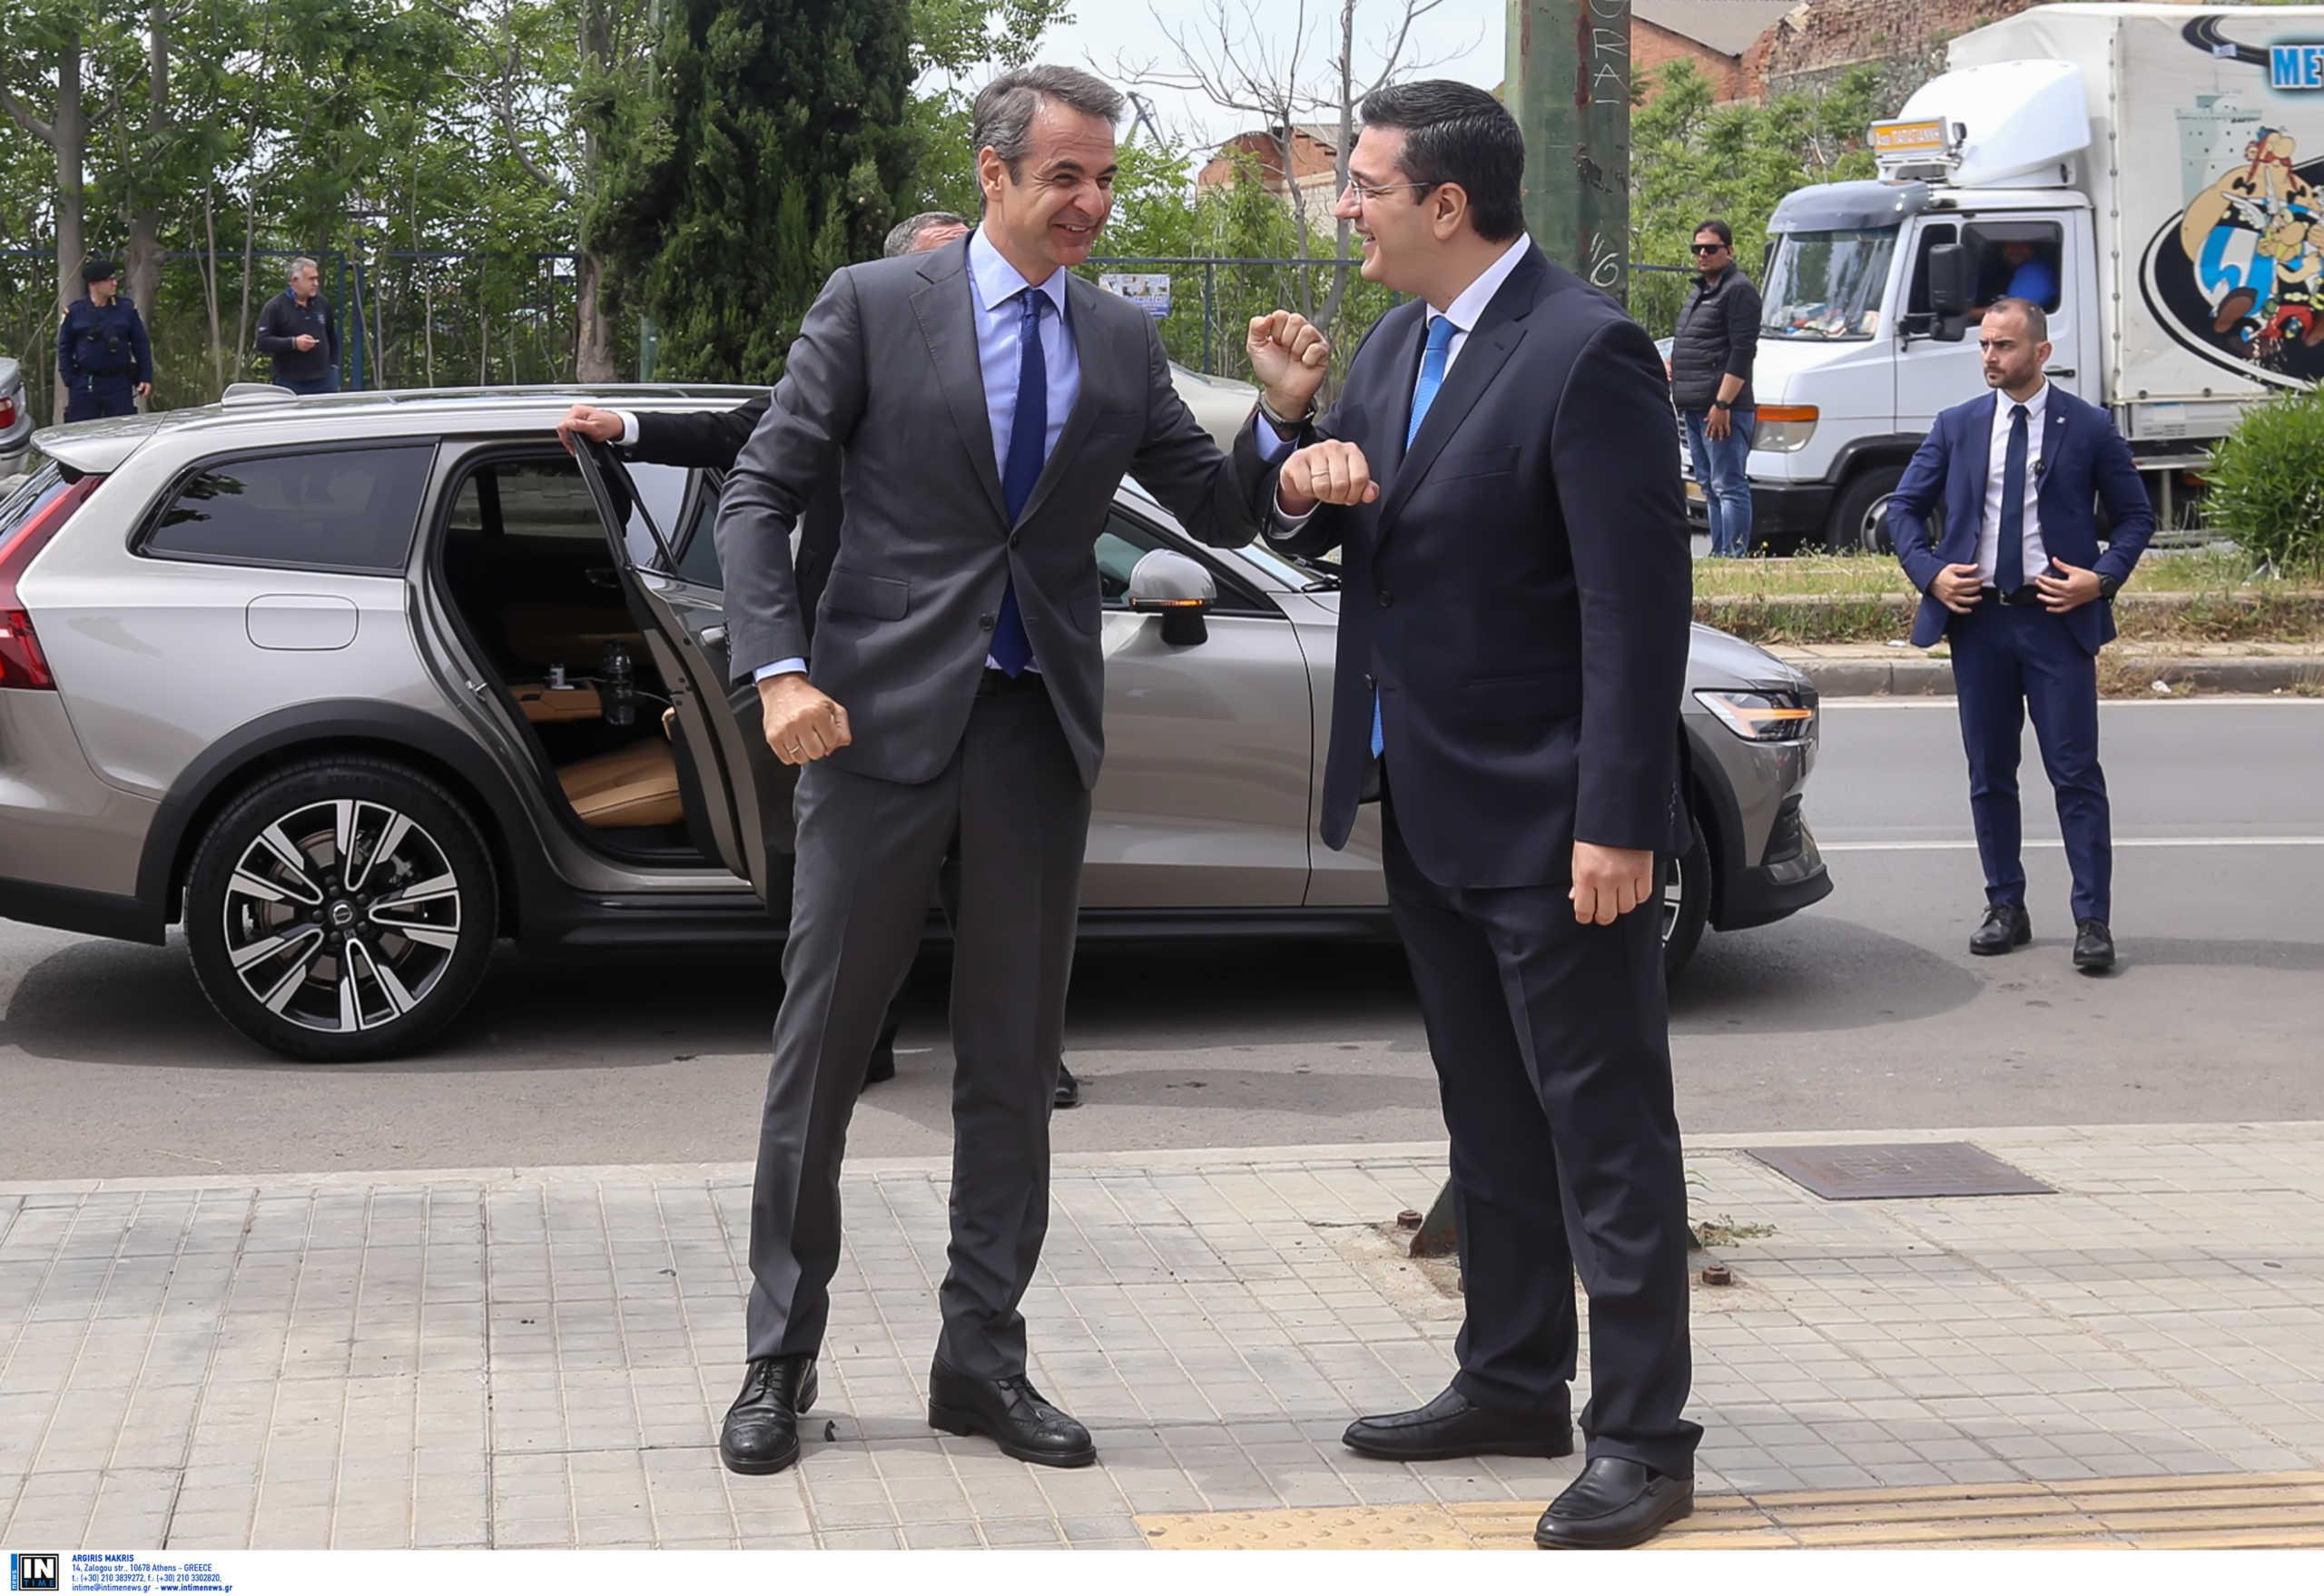 Θεσσαλονίκη, μέρος πρώτο: Οι επαφές Μητσοτάκη και η πρόγευση των εξαγγελιών για την οικονομία